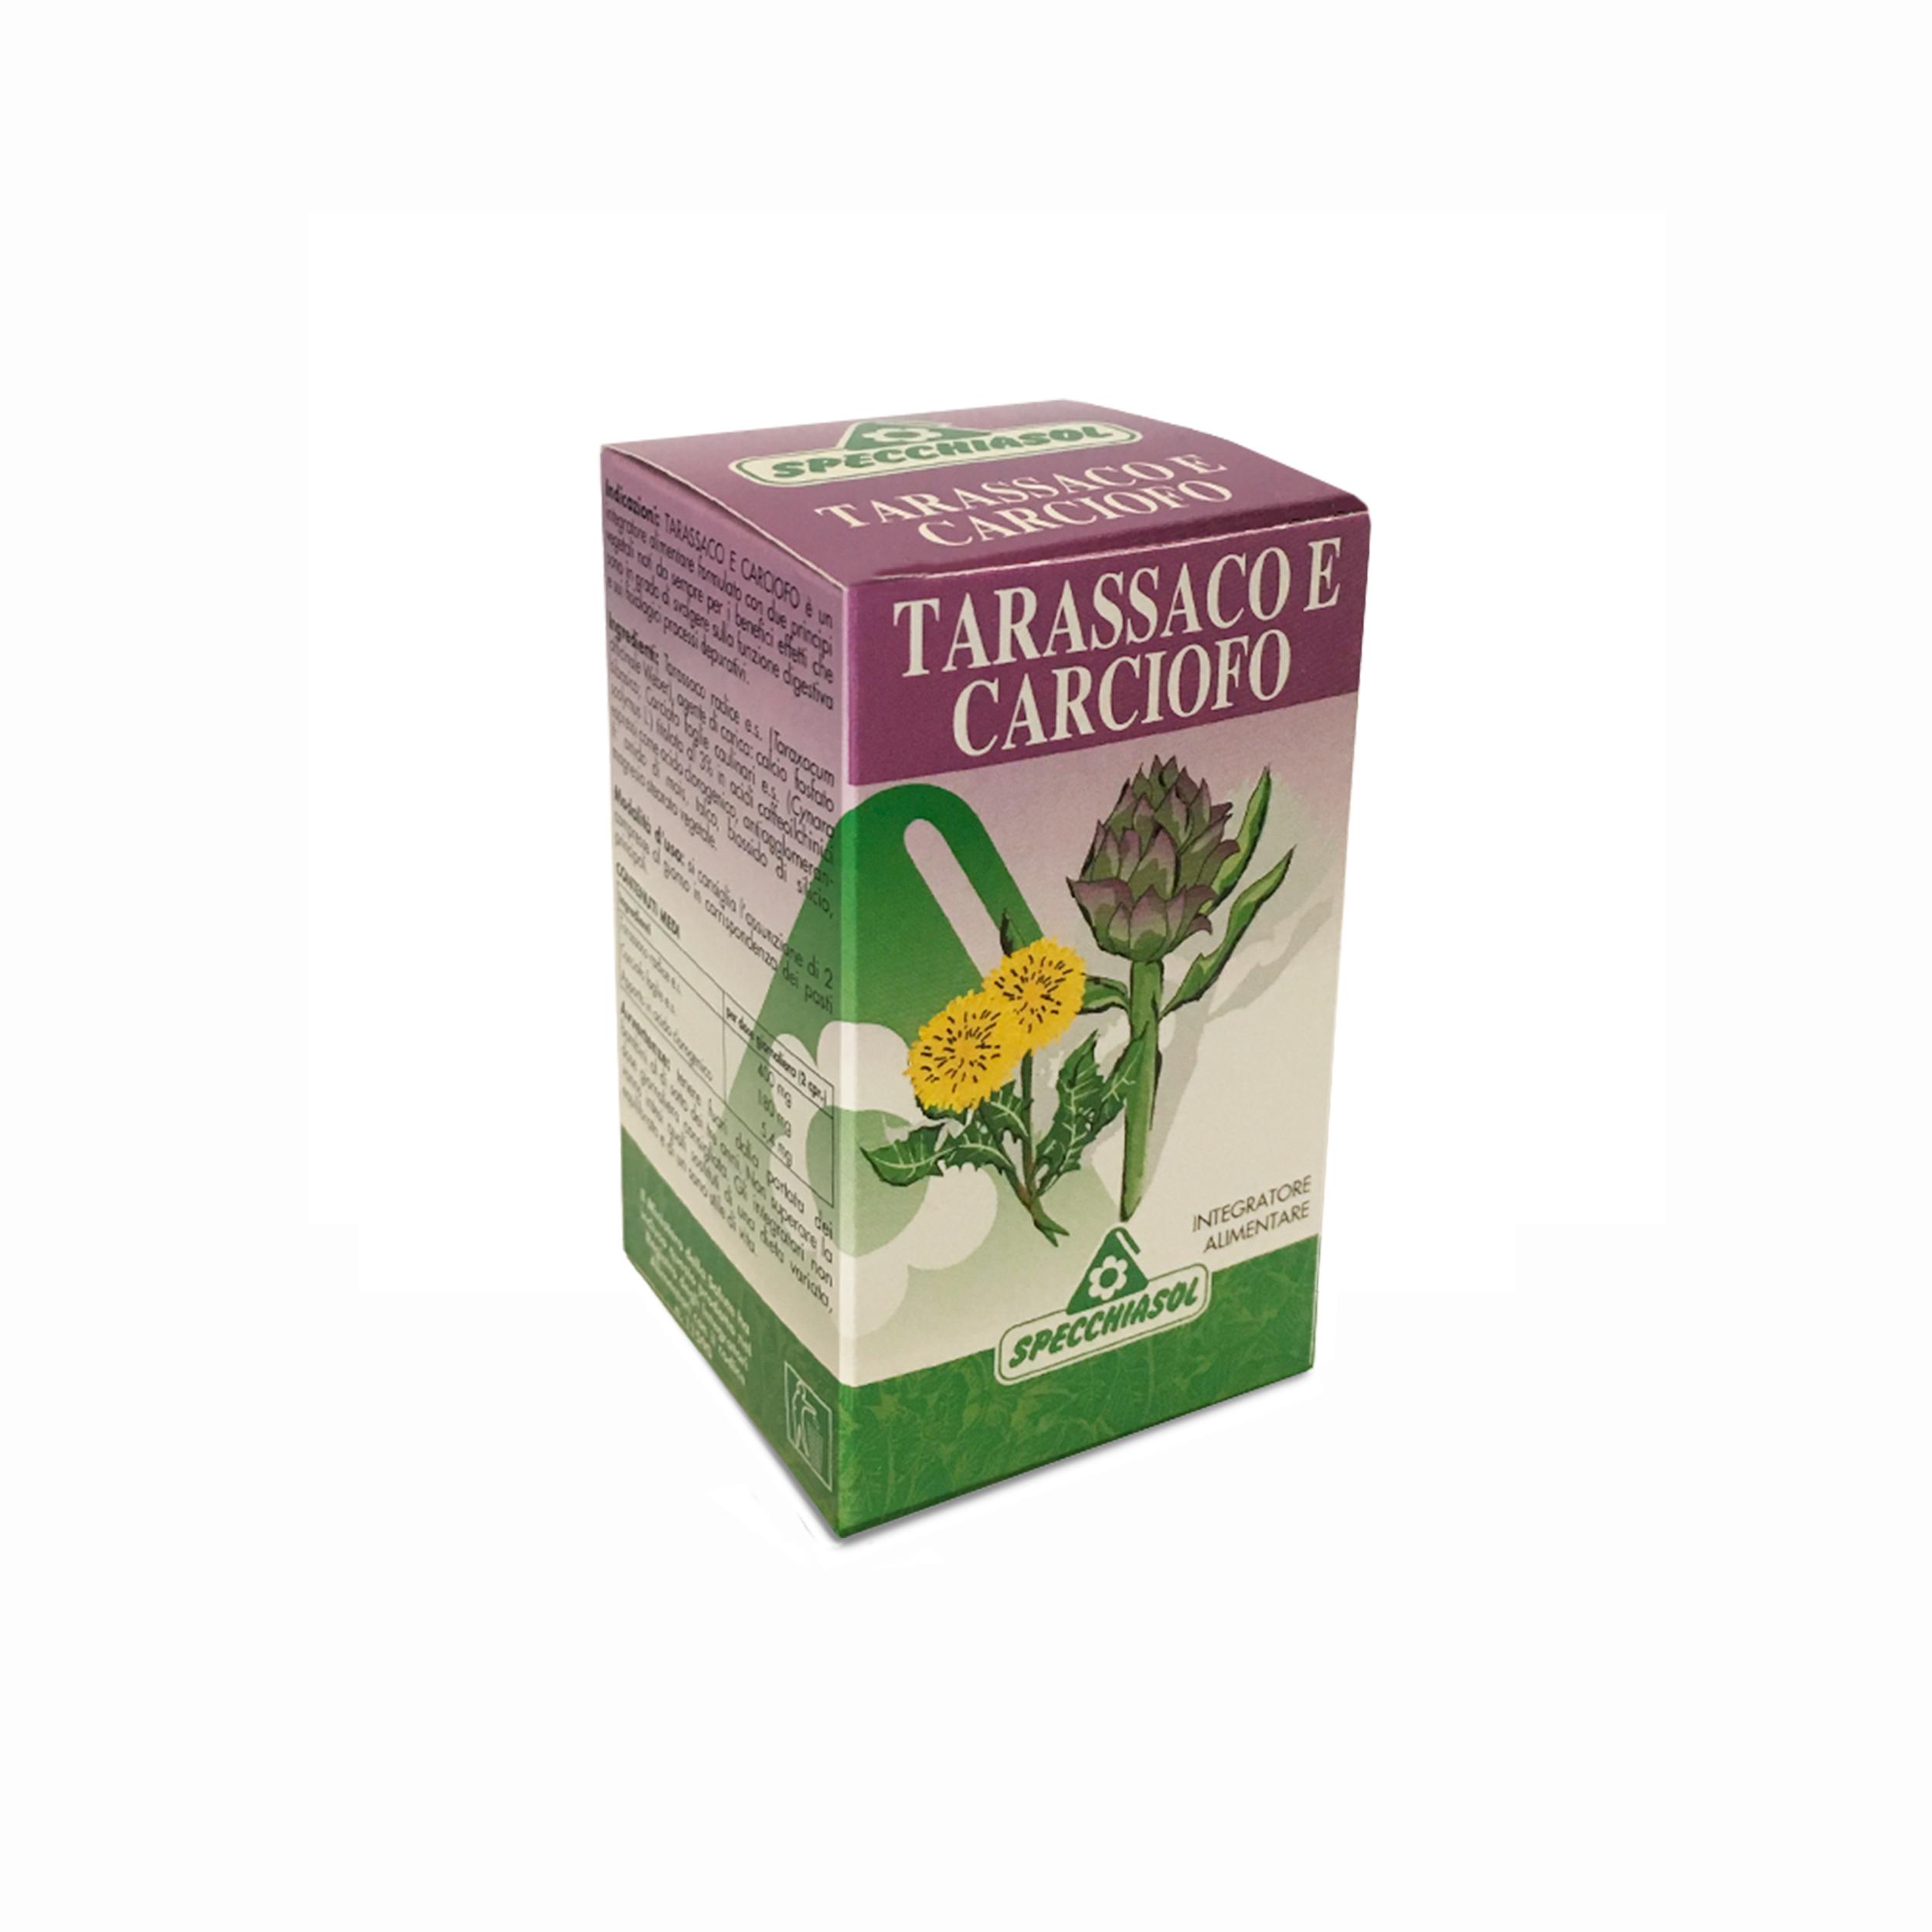 TARASSACO E CARCIOFO 80 PERLE